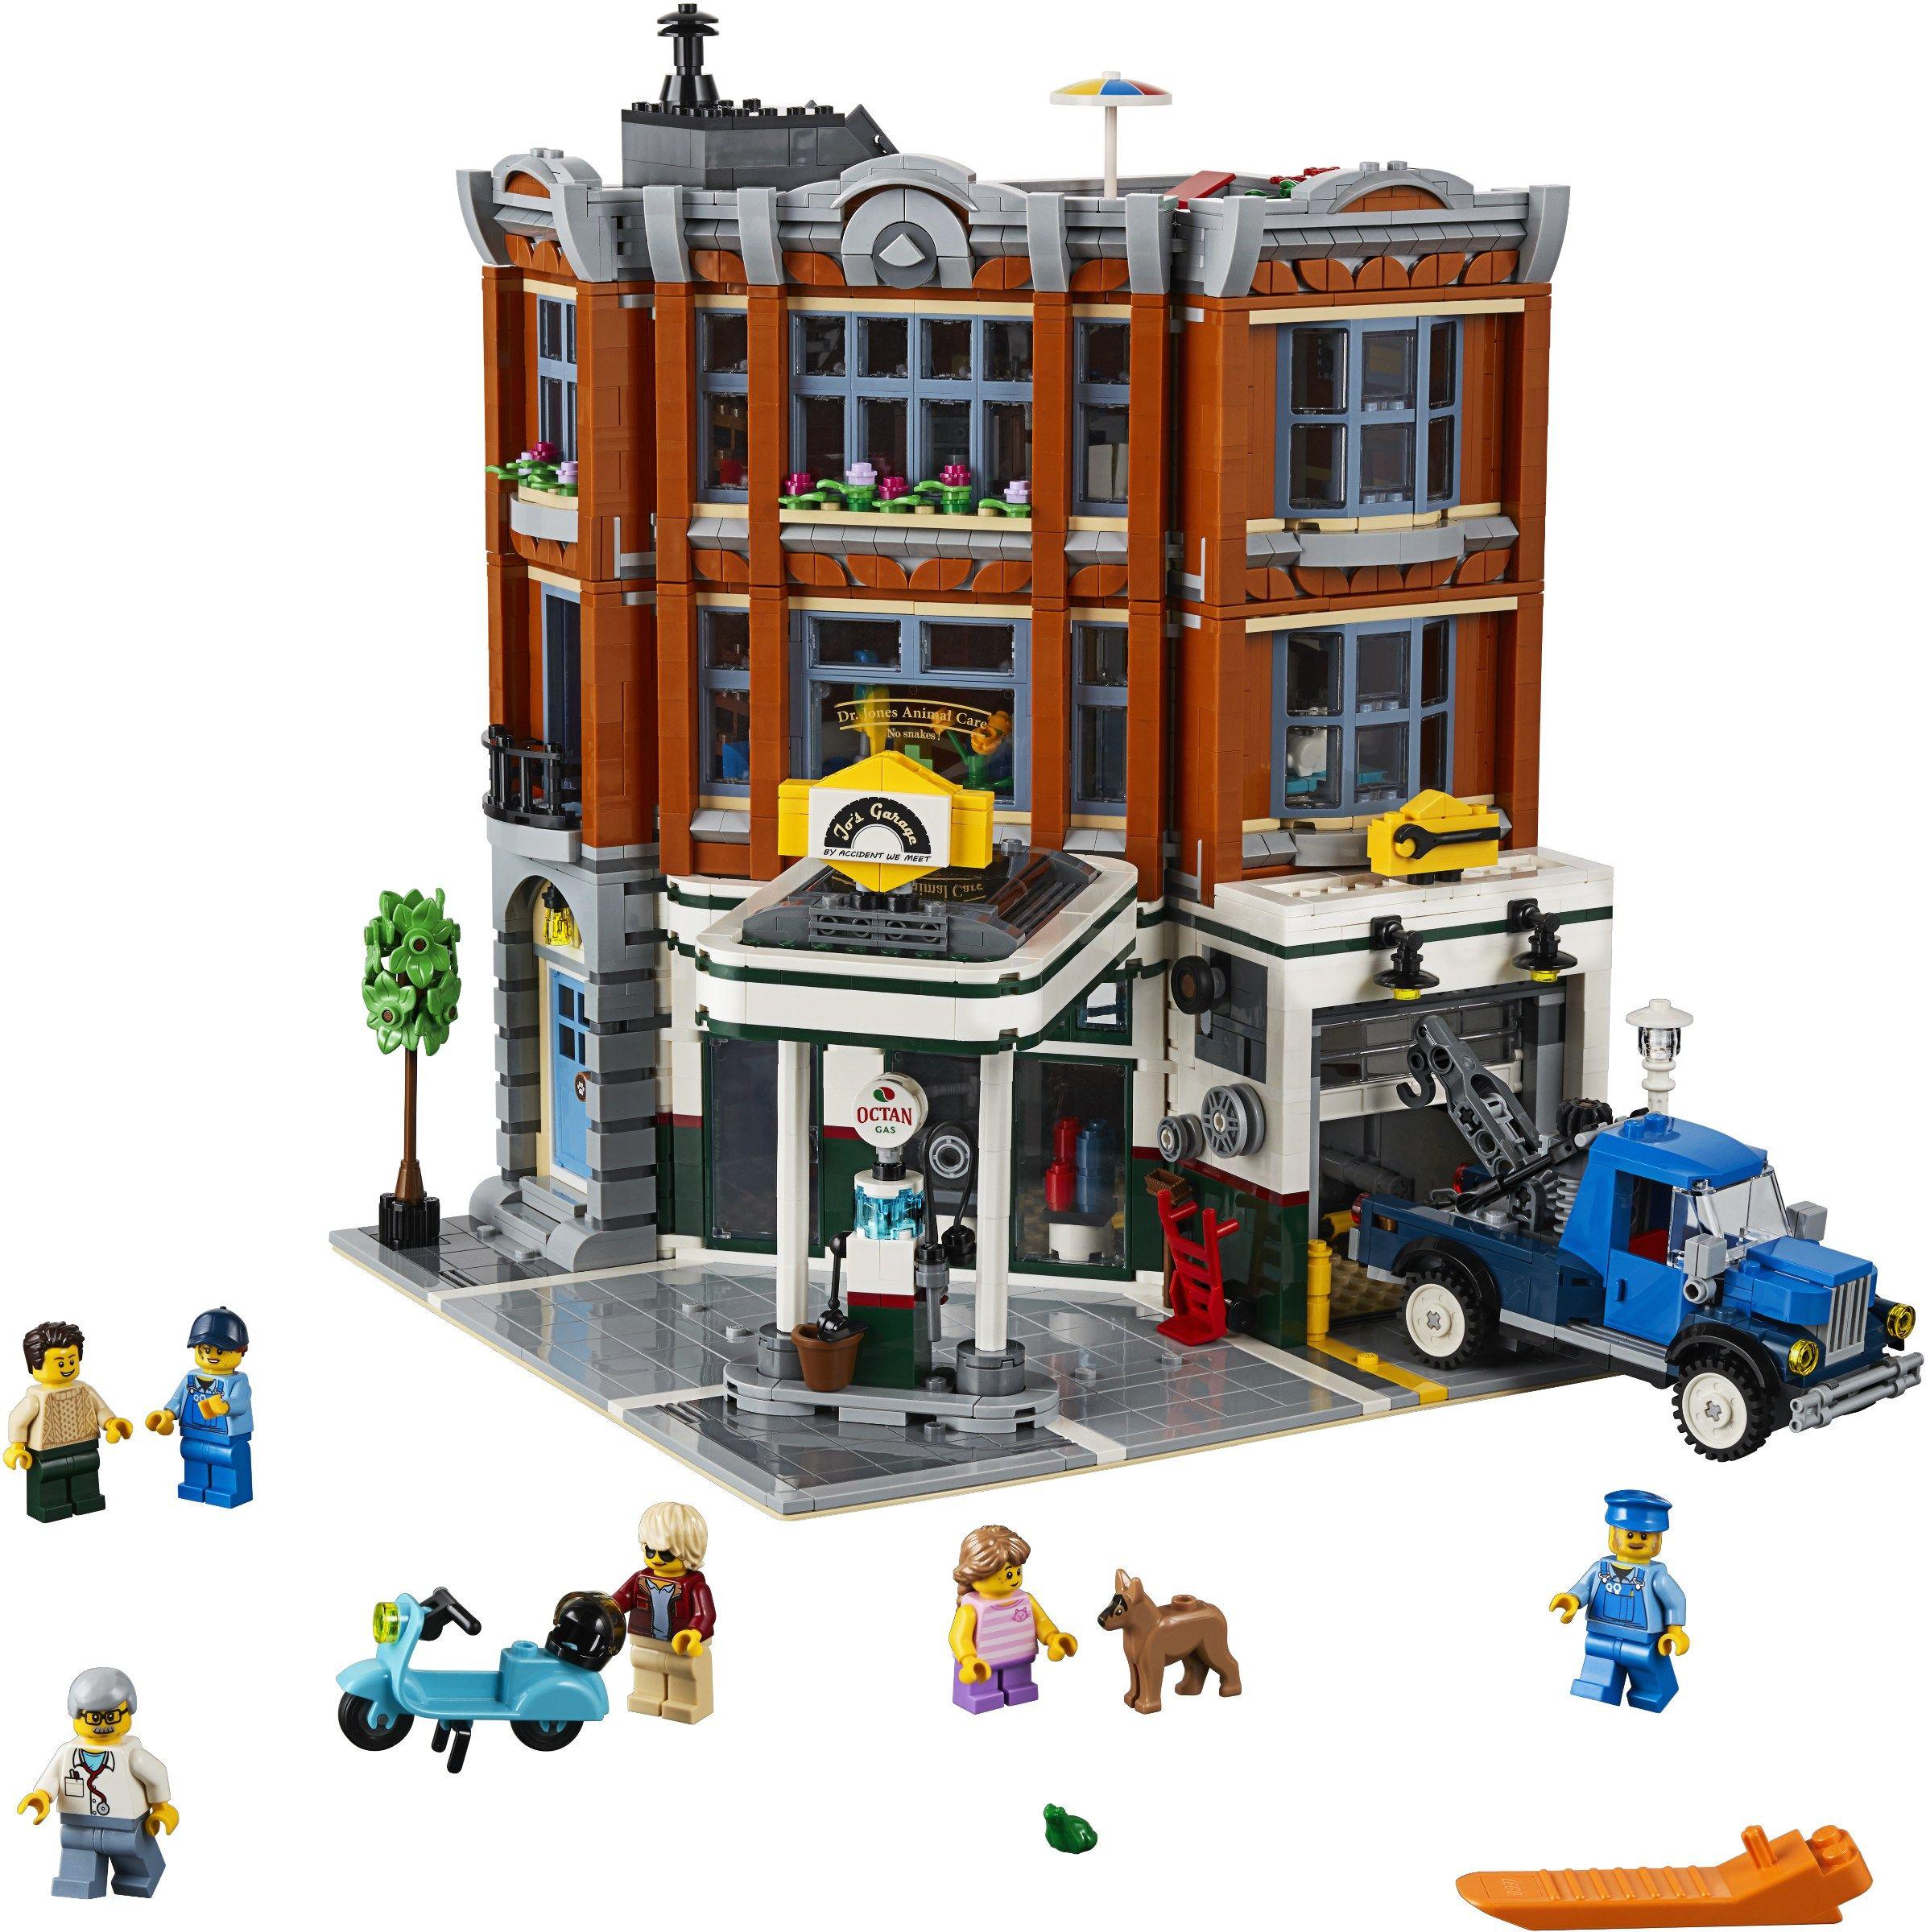 Lego Creator, Lego Modular, Lego